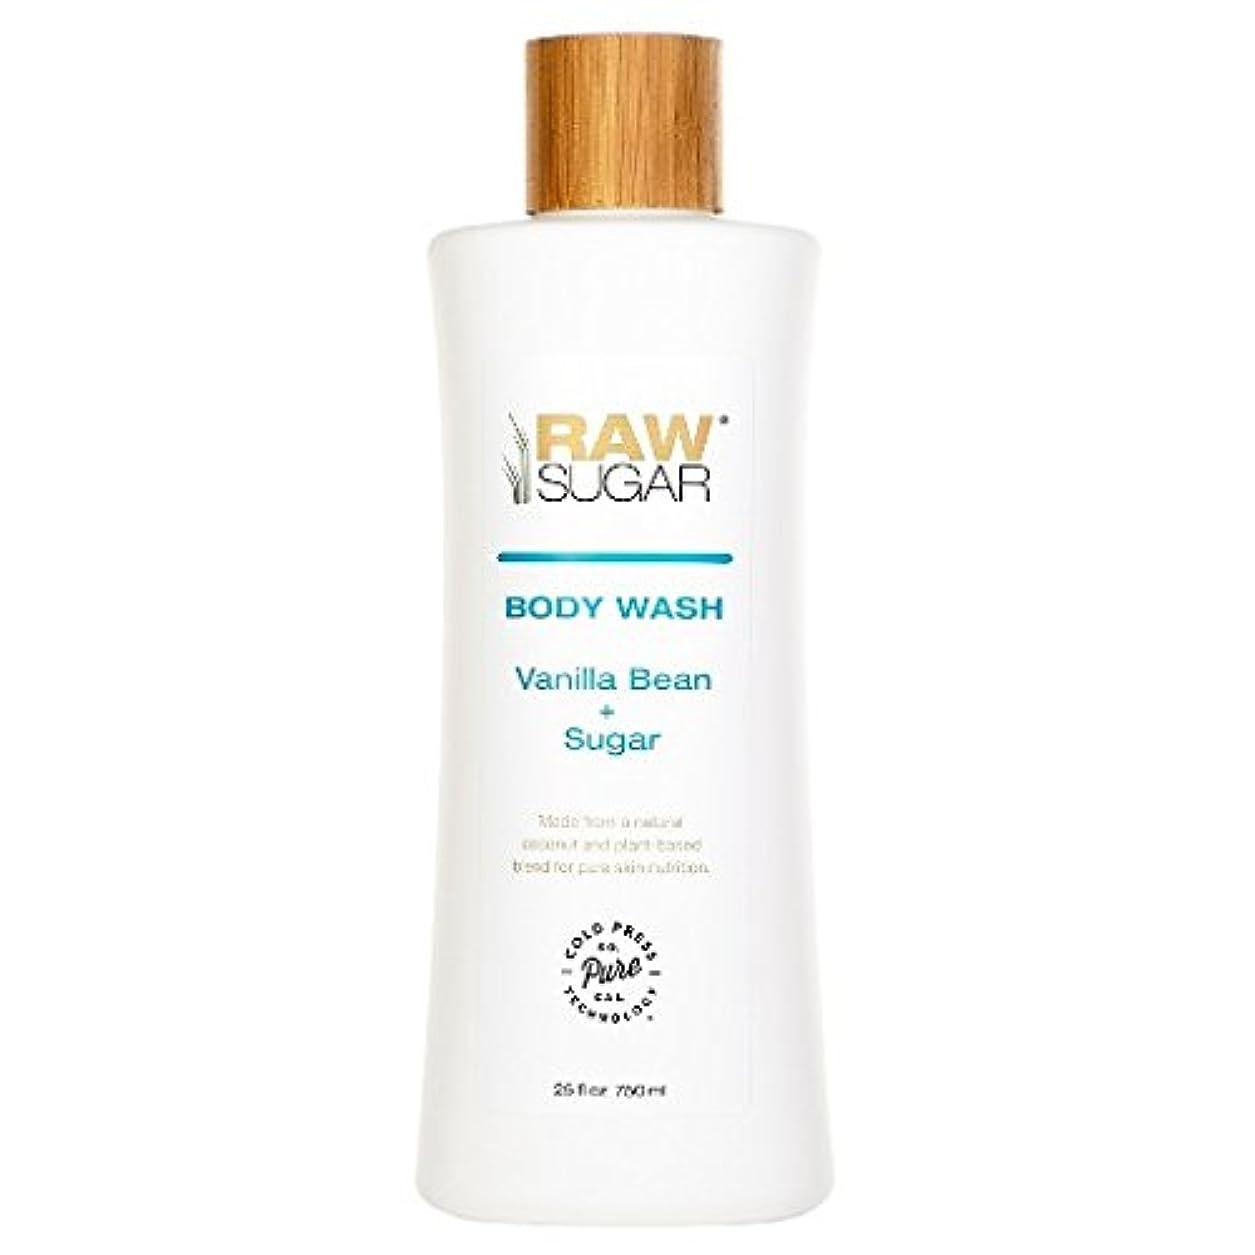 充実振る舞い上流のRAWTM Sugar Awash in Expectation Vanilla Bean+Sugar Body Wash - 25 oz by raw